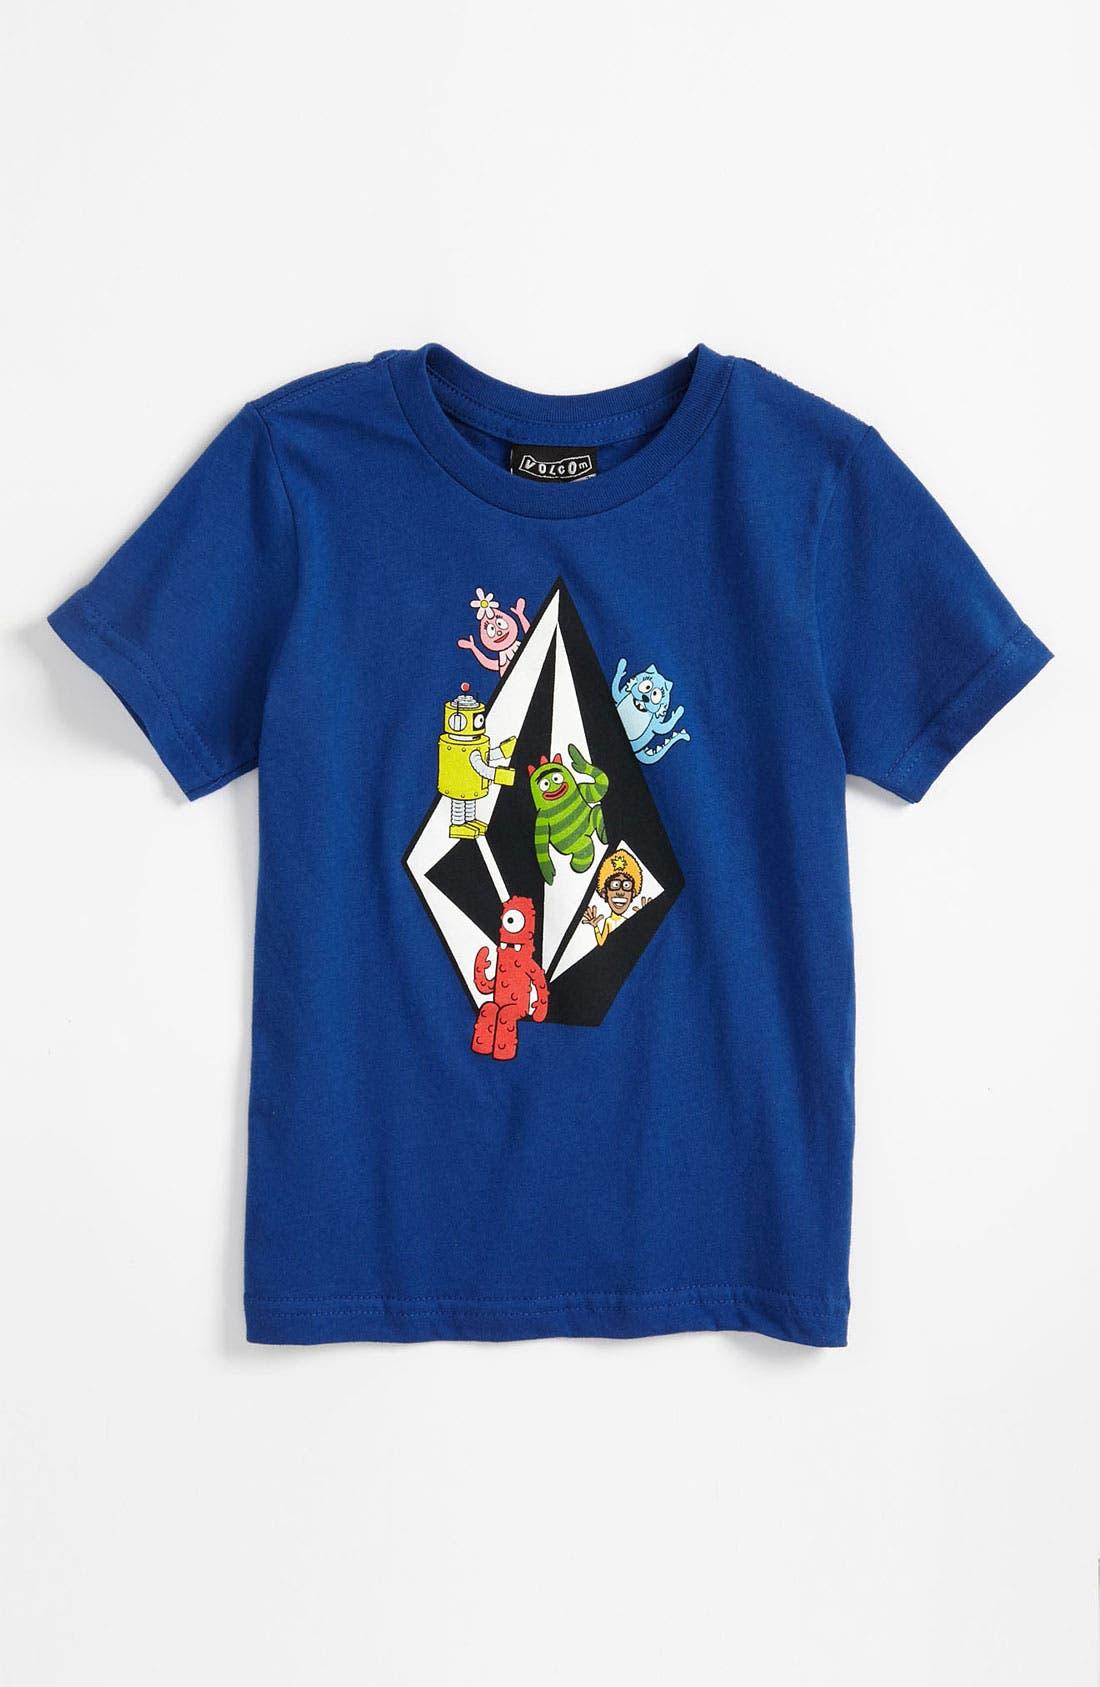 Main Image - Volcom 'Yo Gabba Gabba!' T-Shirt (Little Boys)